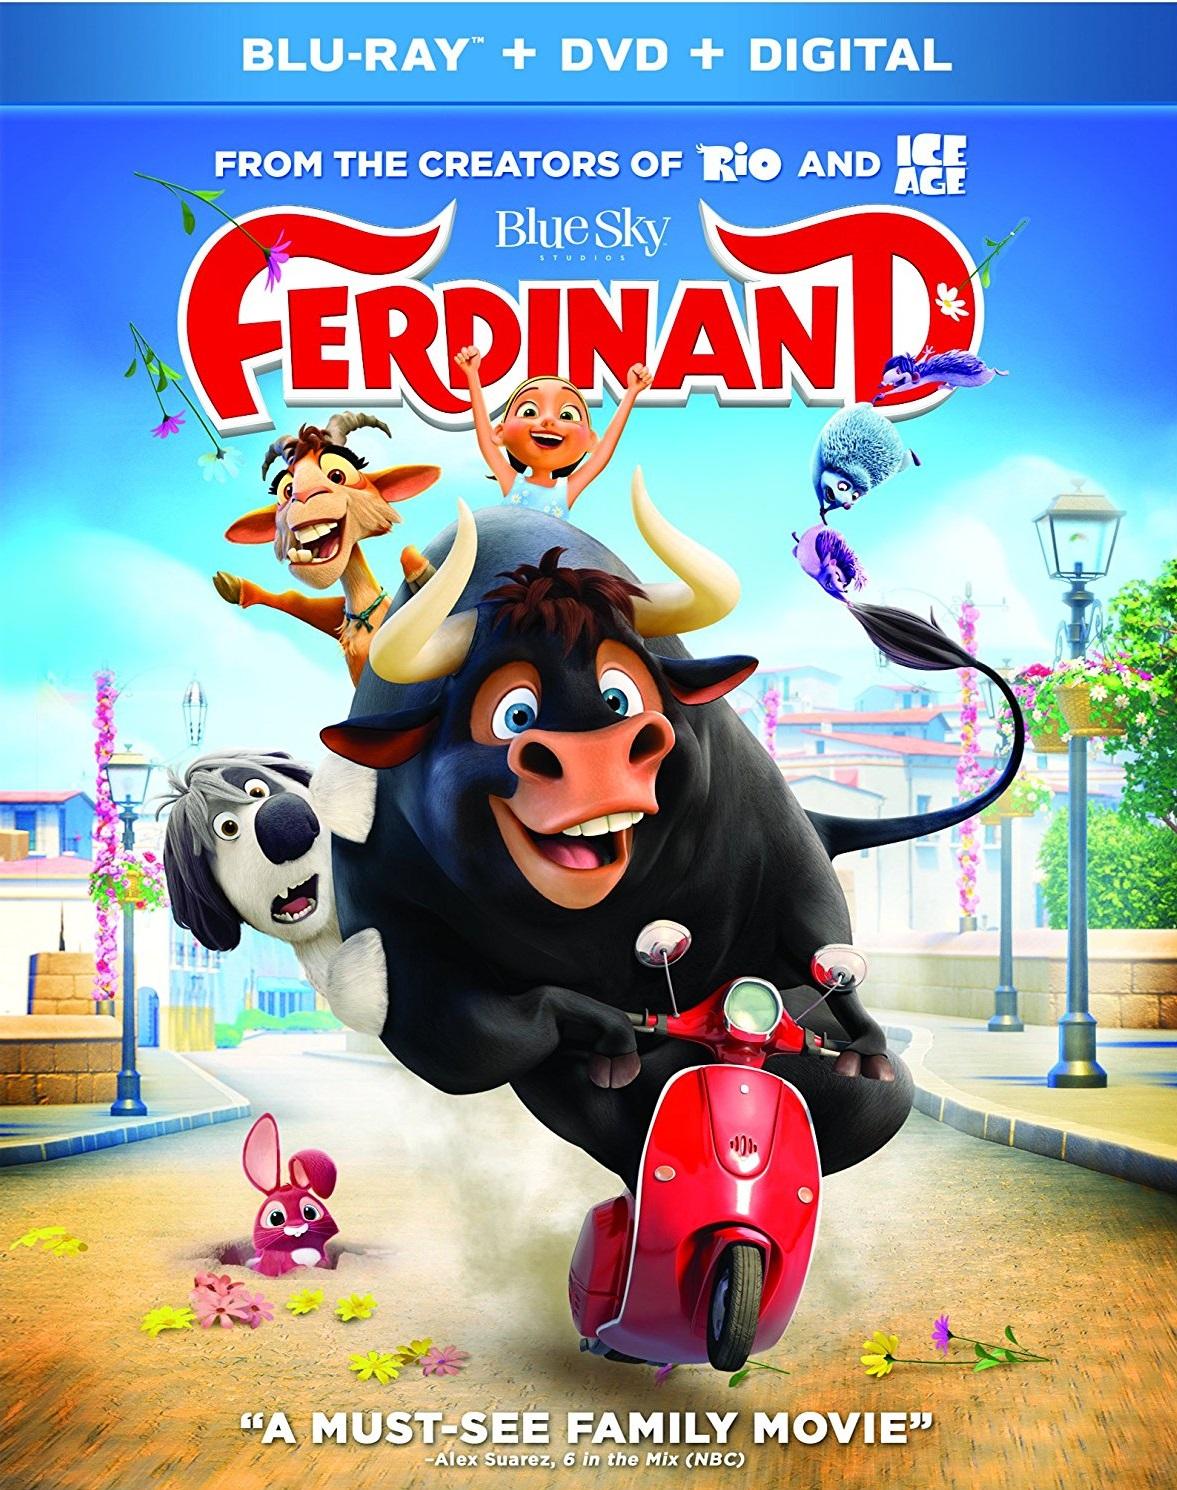 Ole El Viaje De Ferdinand BD25 1080p LATINO